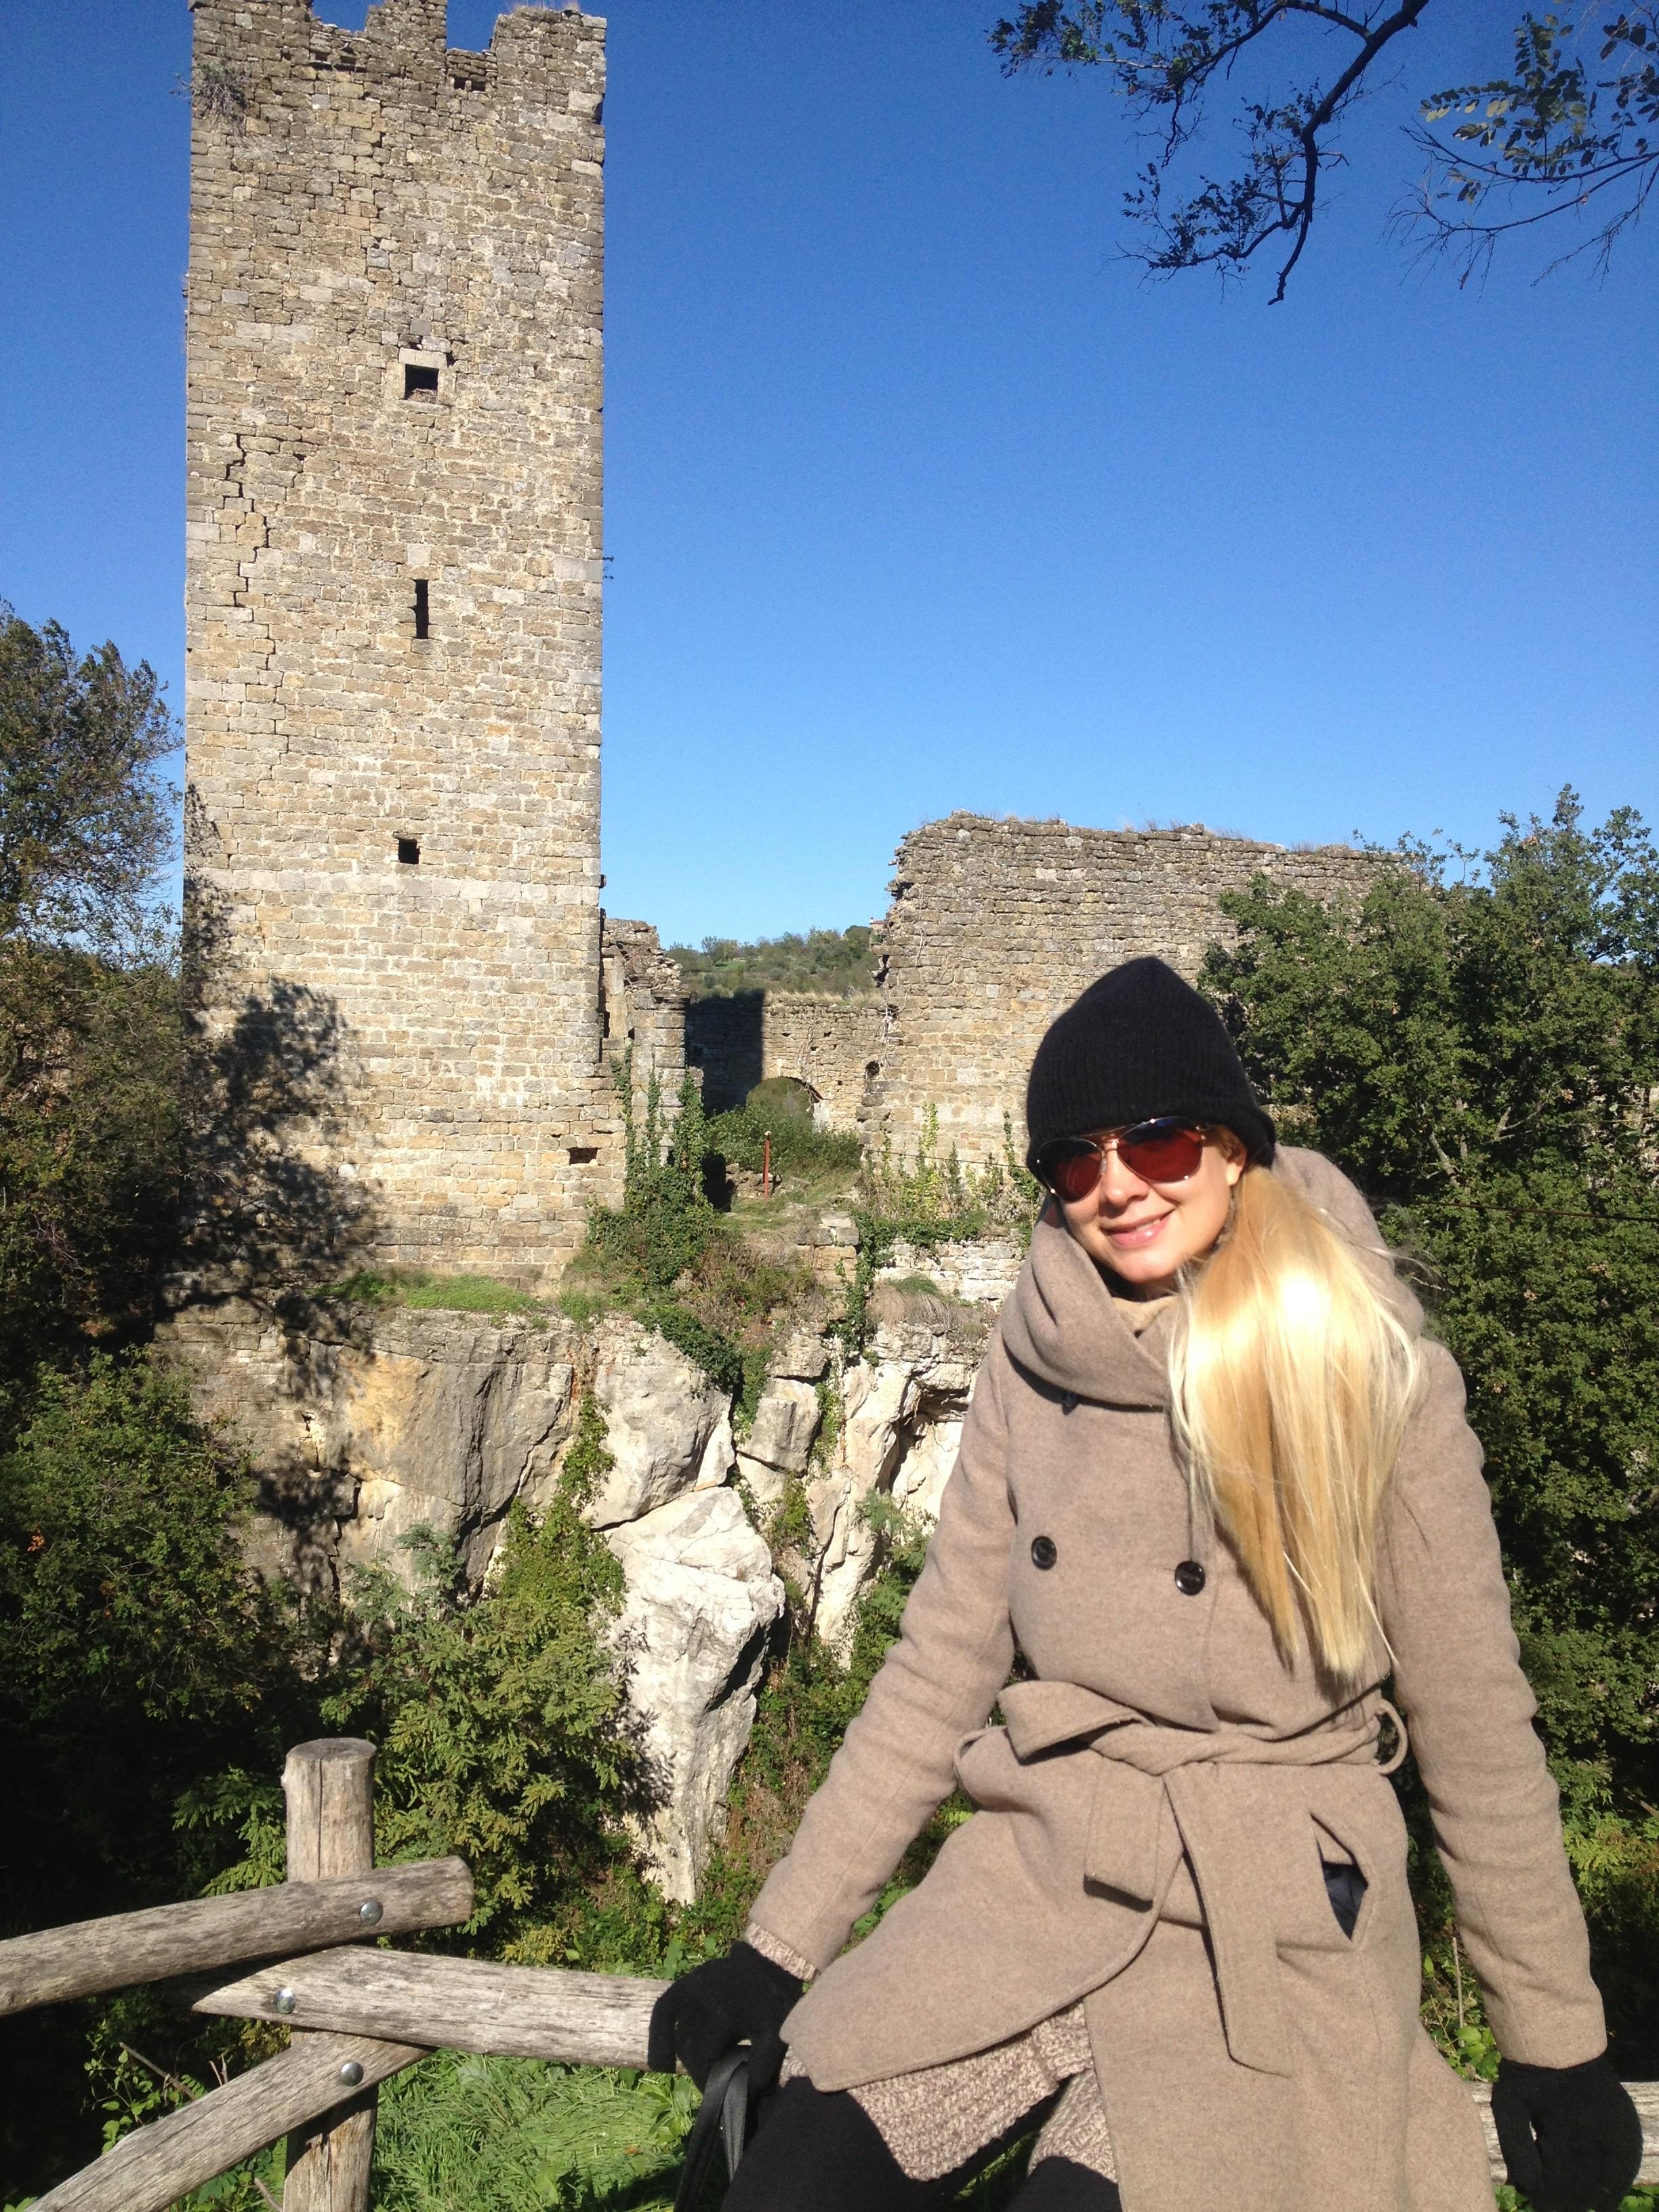 Castle-in-Momjam